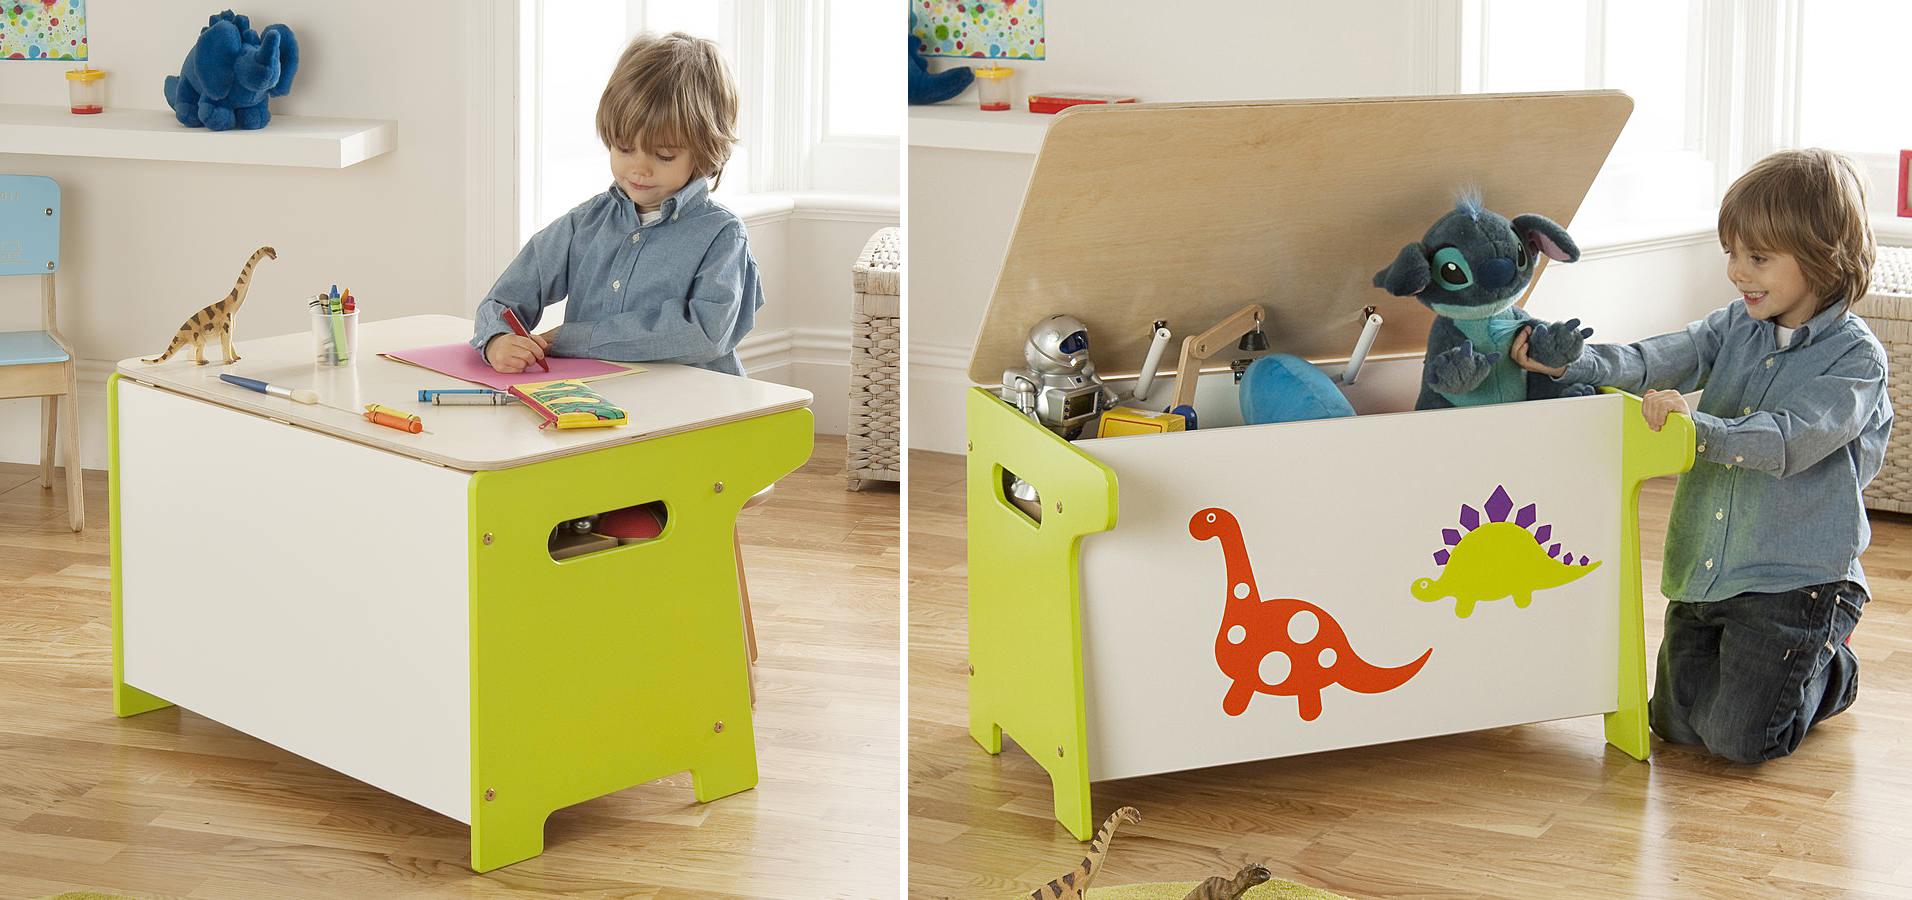 Детские стол и стул с потайными местами для хранения игрушек